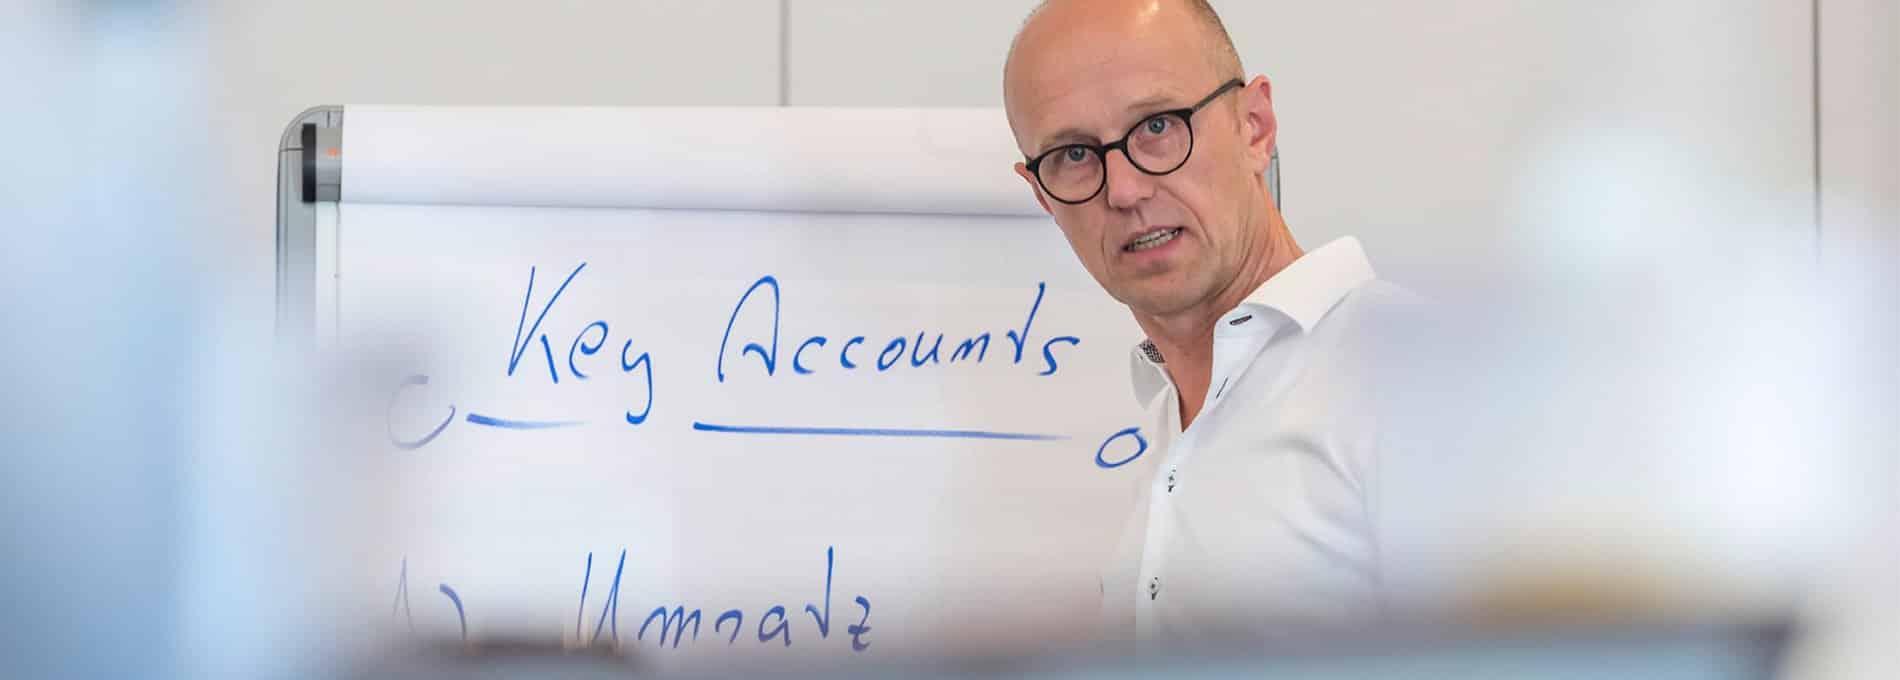 Key Account Management systematisch einführen und kontinuierlich weiterentwickeln